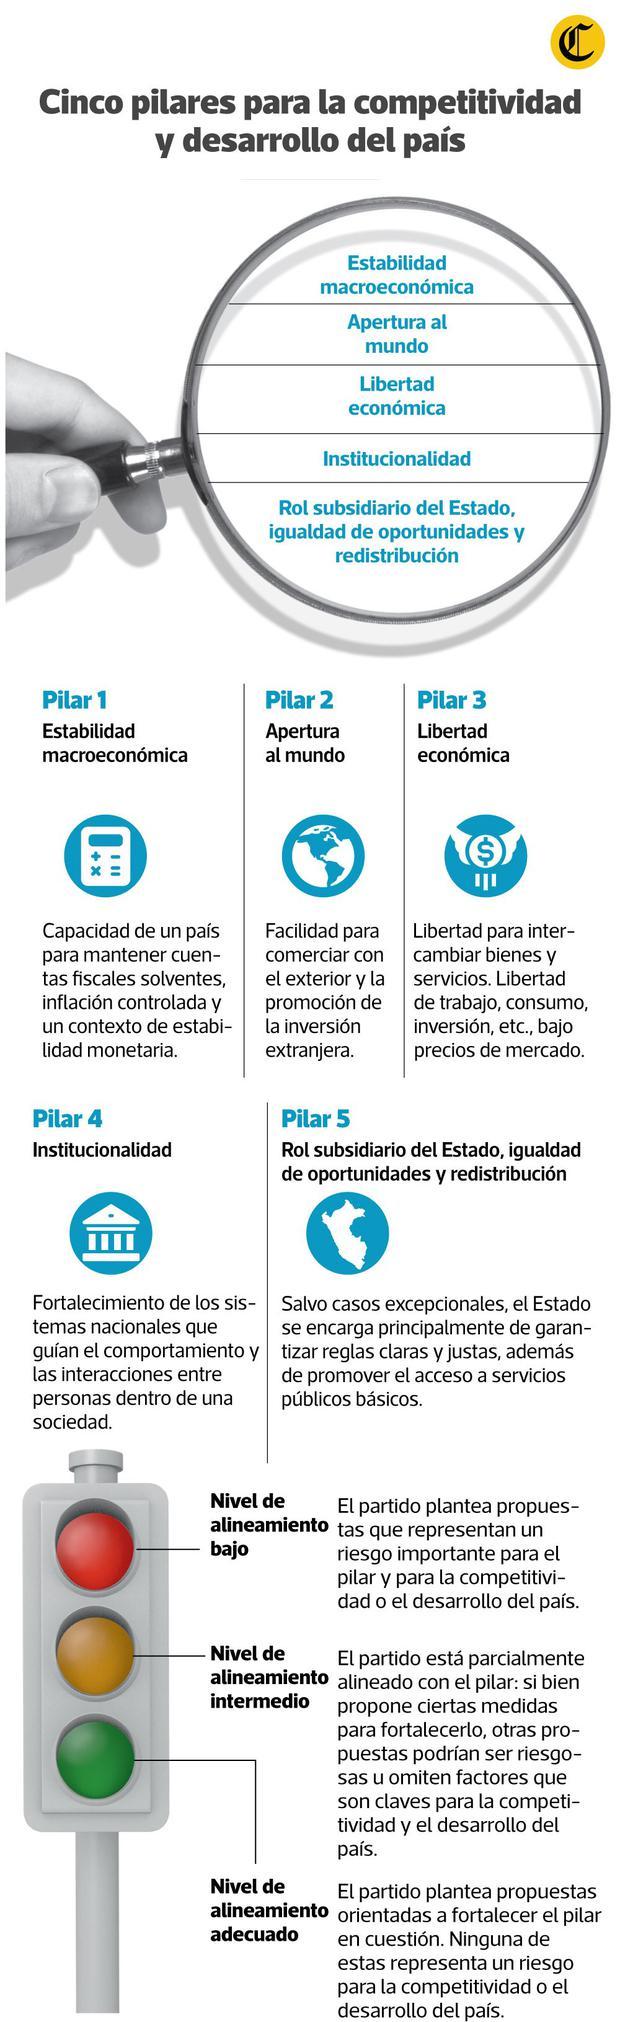 Cinco pilares para la competitividad y desarrollo del país